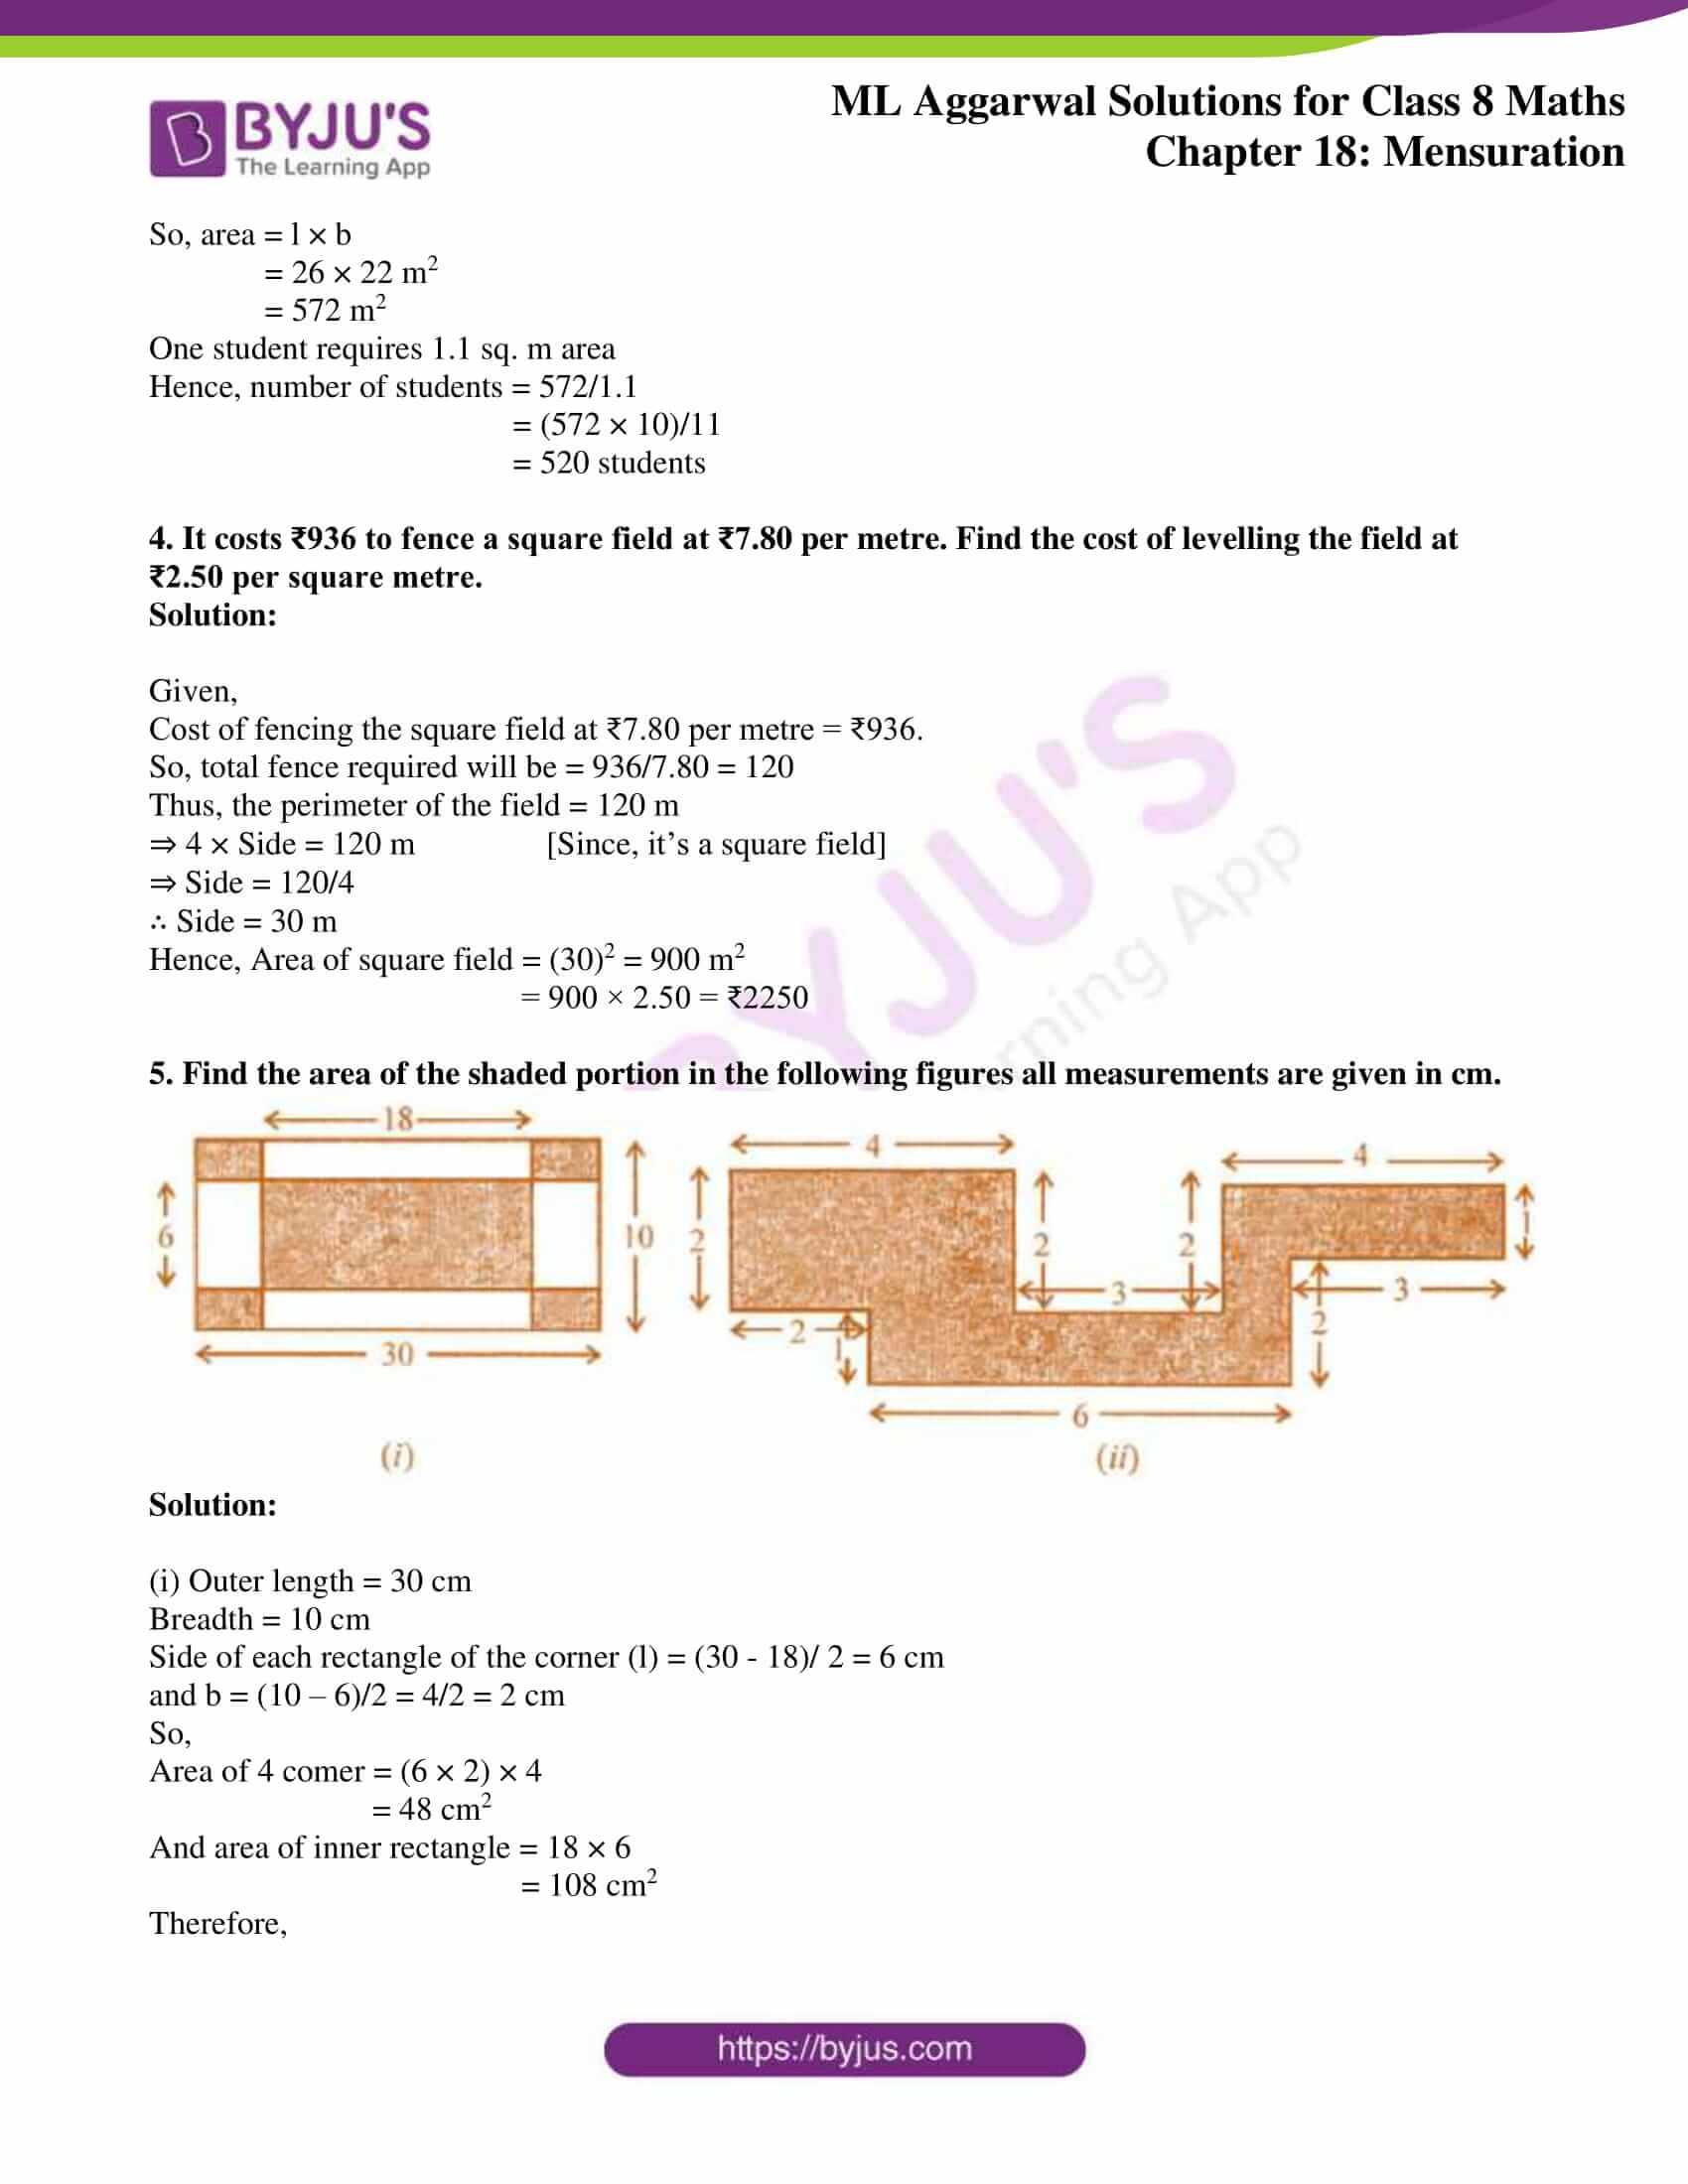 ml aggarwal sol mathematics class 8 ch 18 37